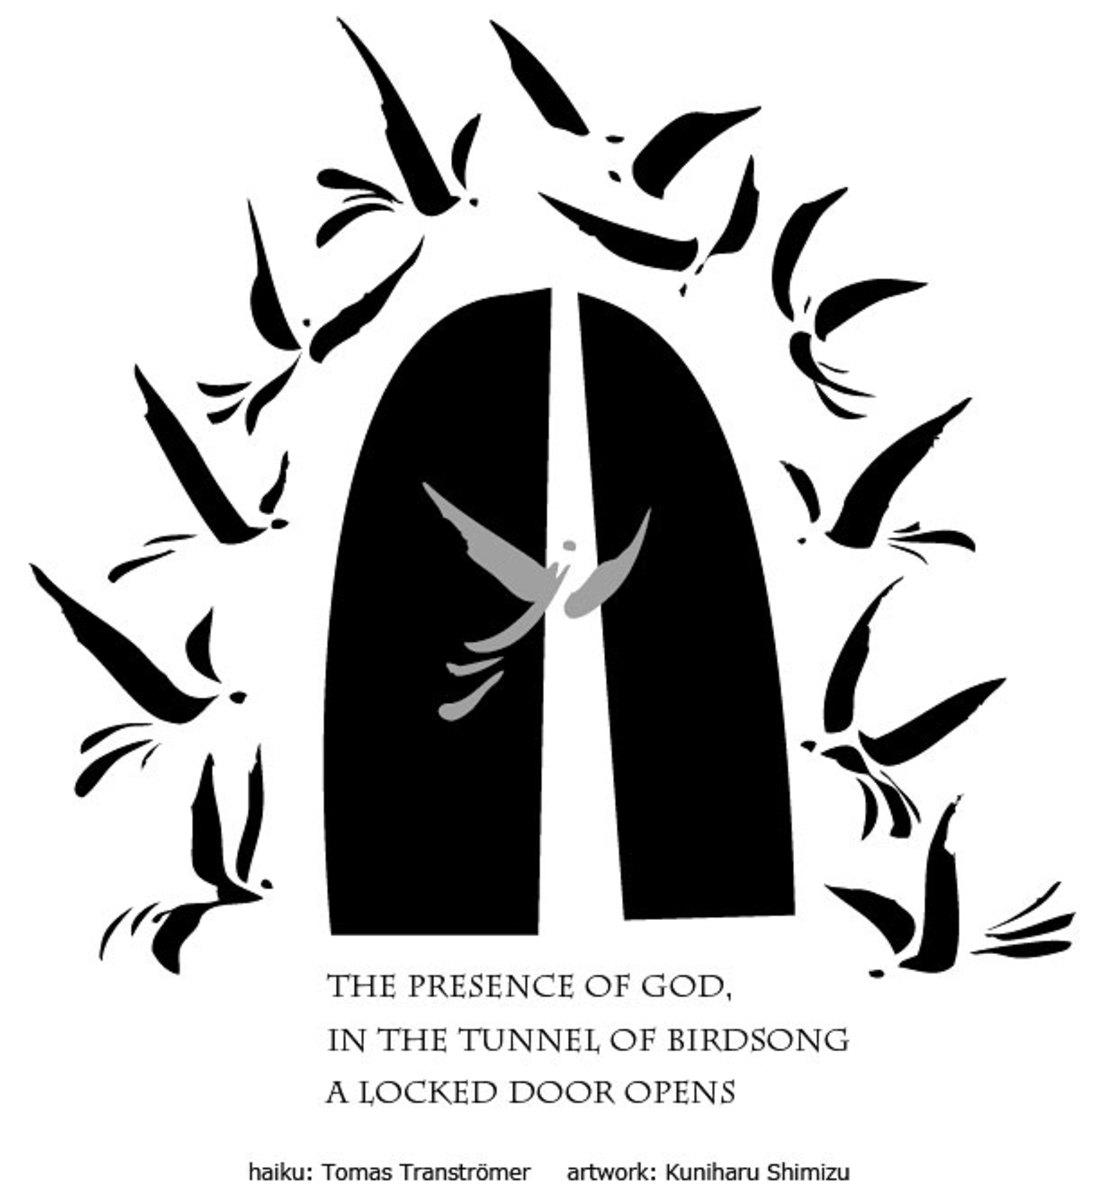 Haiku by Nobel Prize winning poet Tomas Tranströmer; art by Kuniharu Shimizu